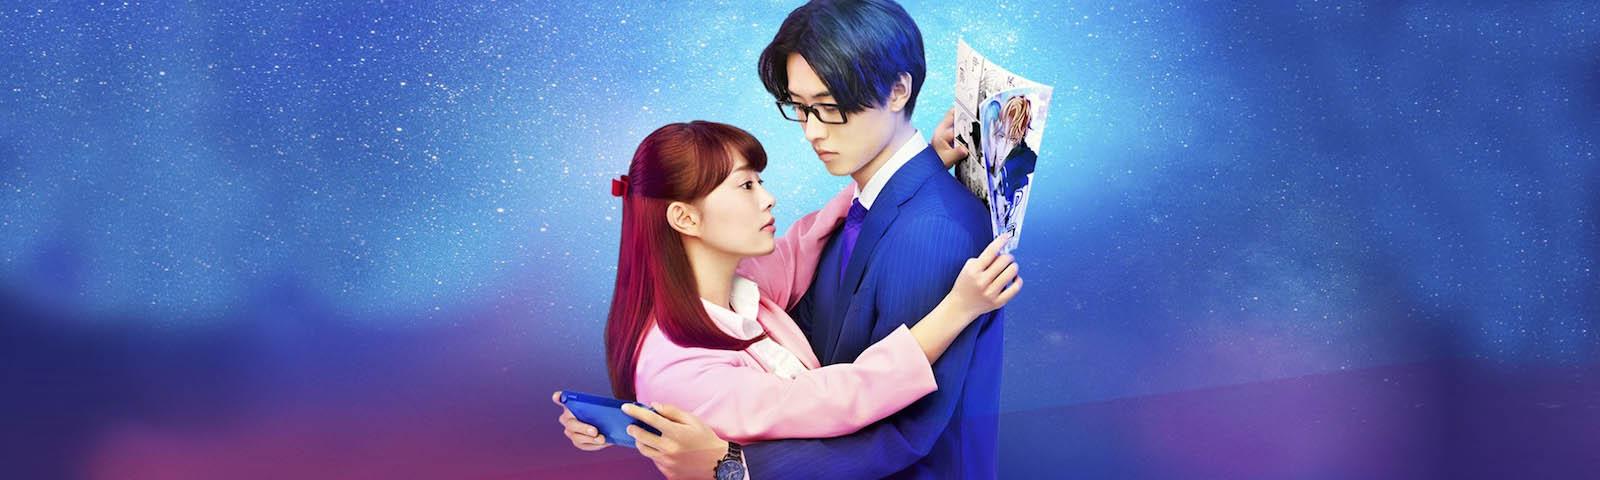 Wotakoi : El amor es difícil para los otakus